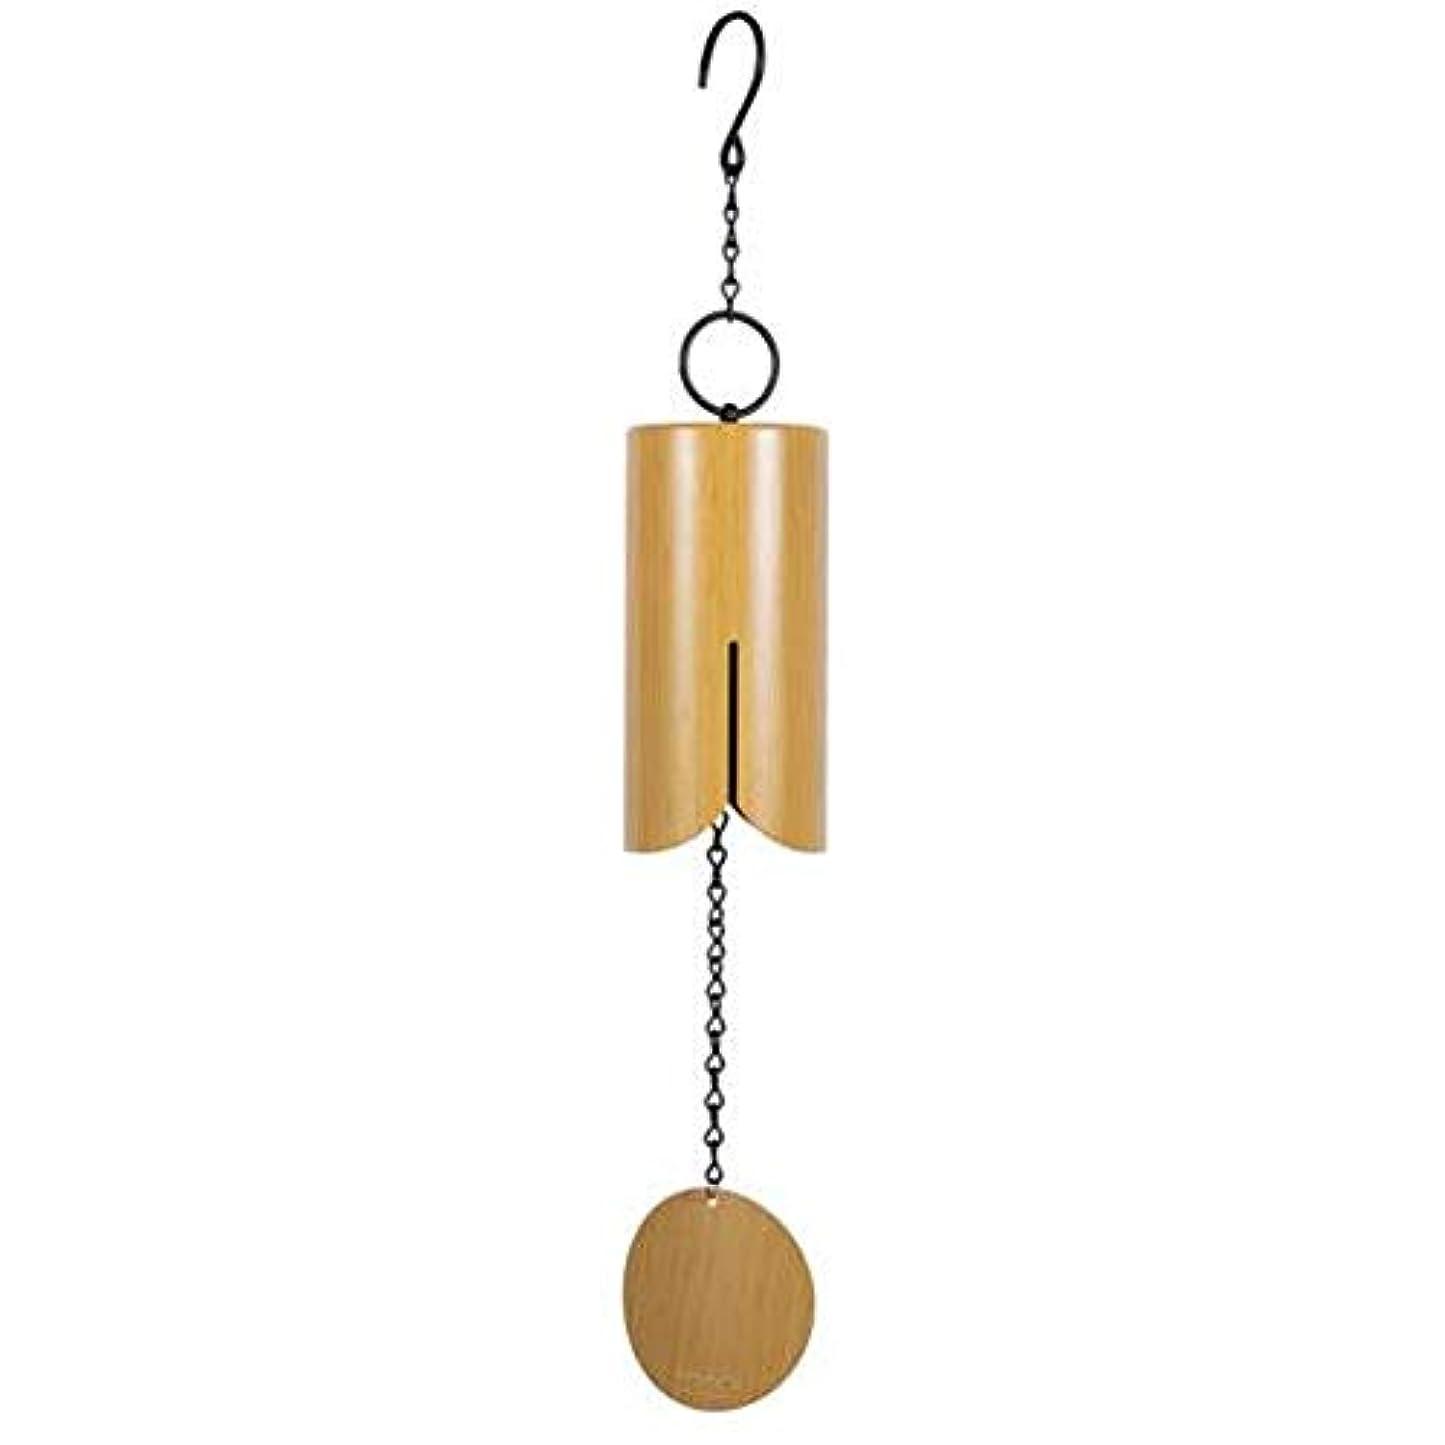 古いその他正規化Jingfengtongxun 風チャイム、アイアンレトロクリエイティブ風の鐘、ブラック、全身について76センチメートル,スタイリッシュなホリデーギフト (Color : Natural)